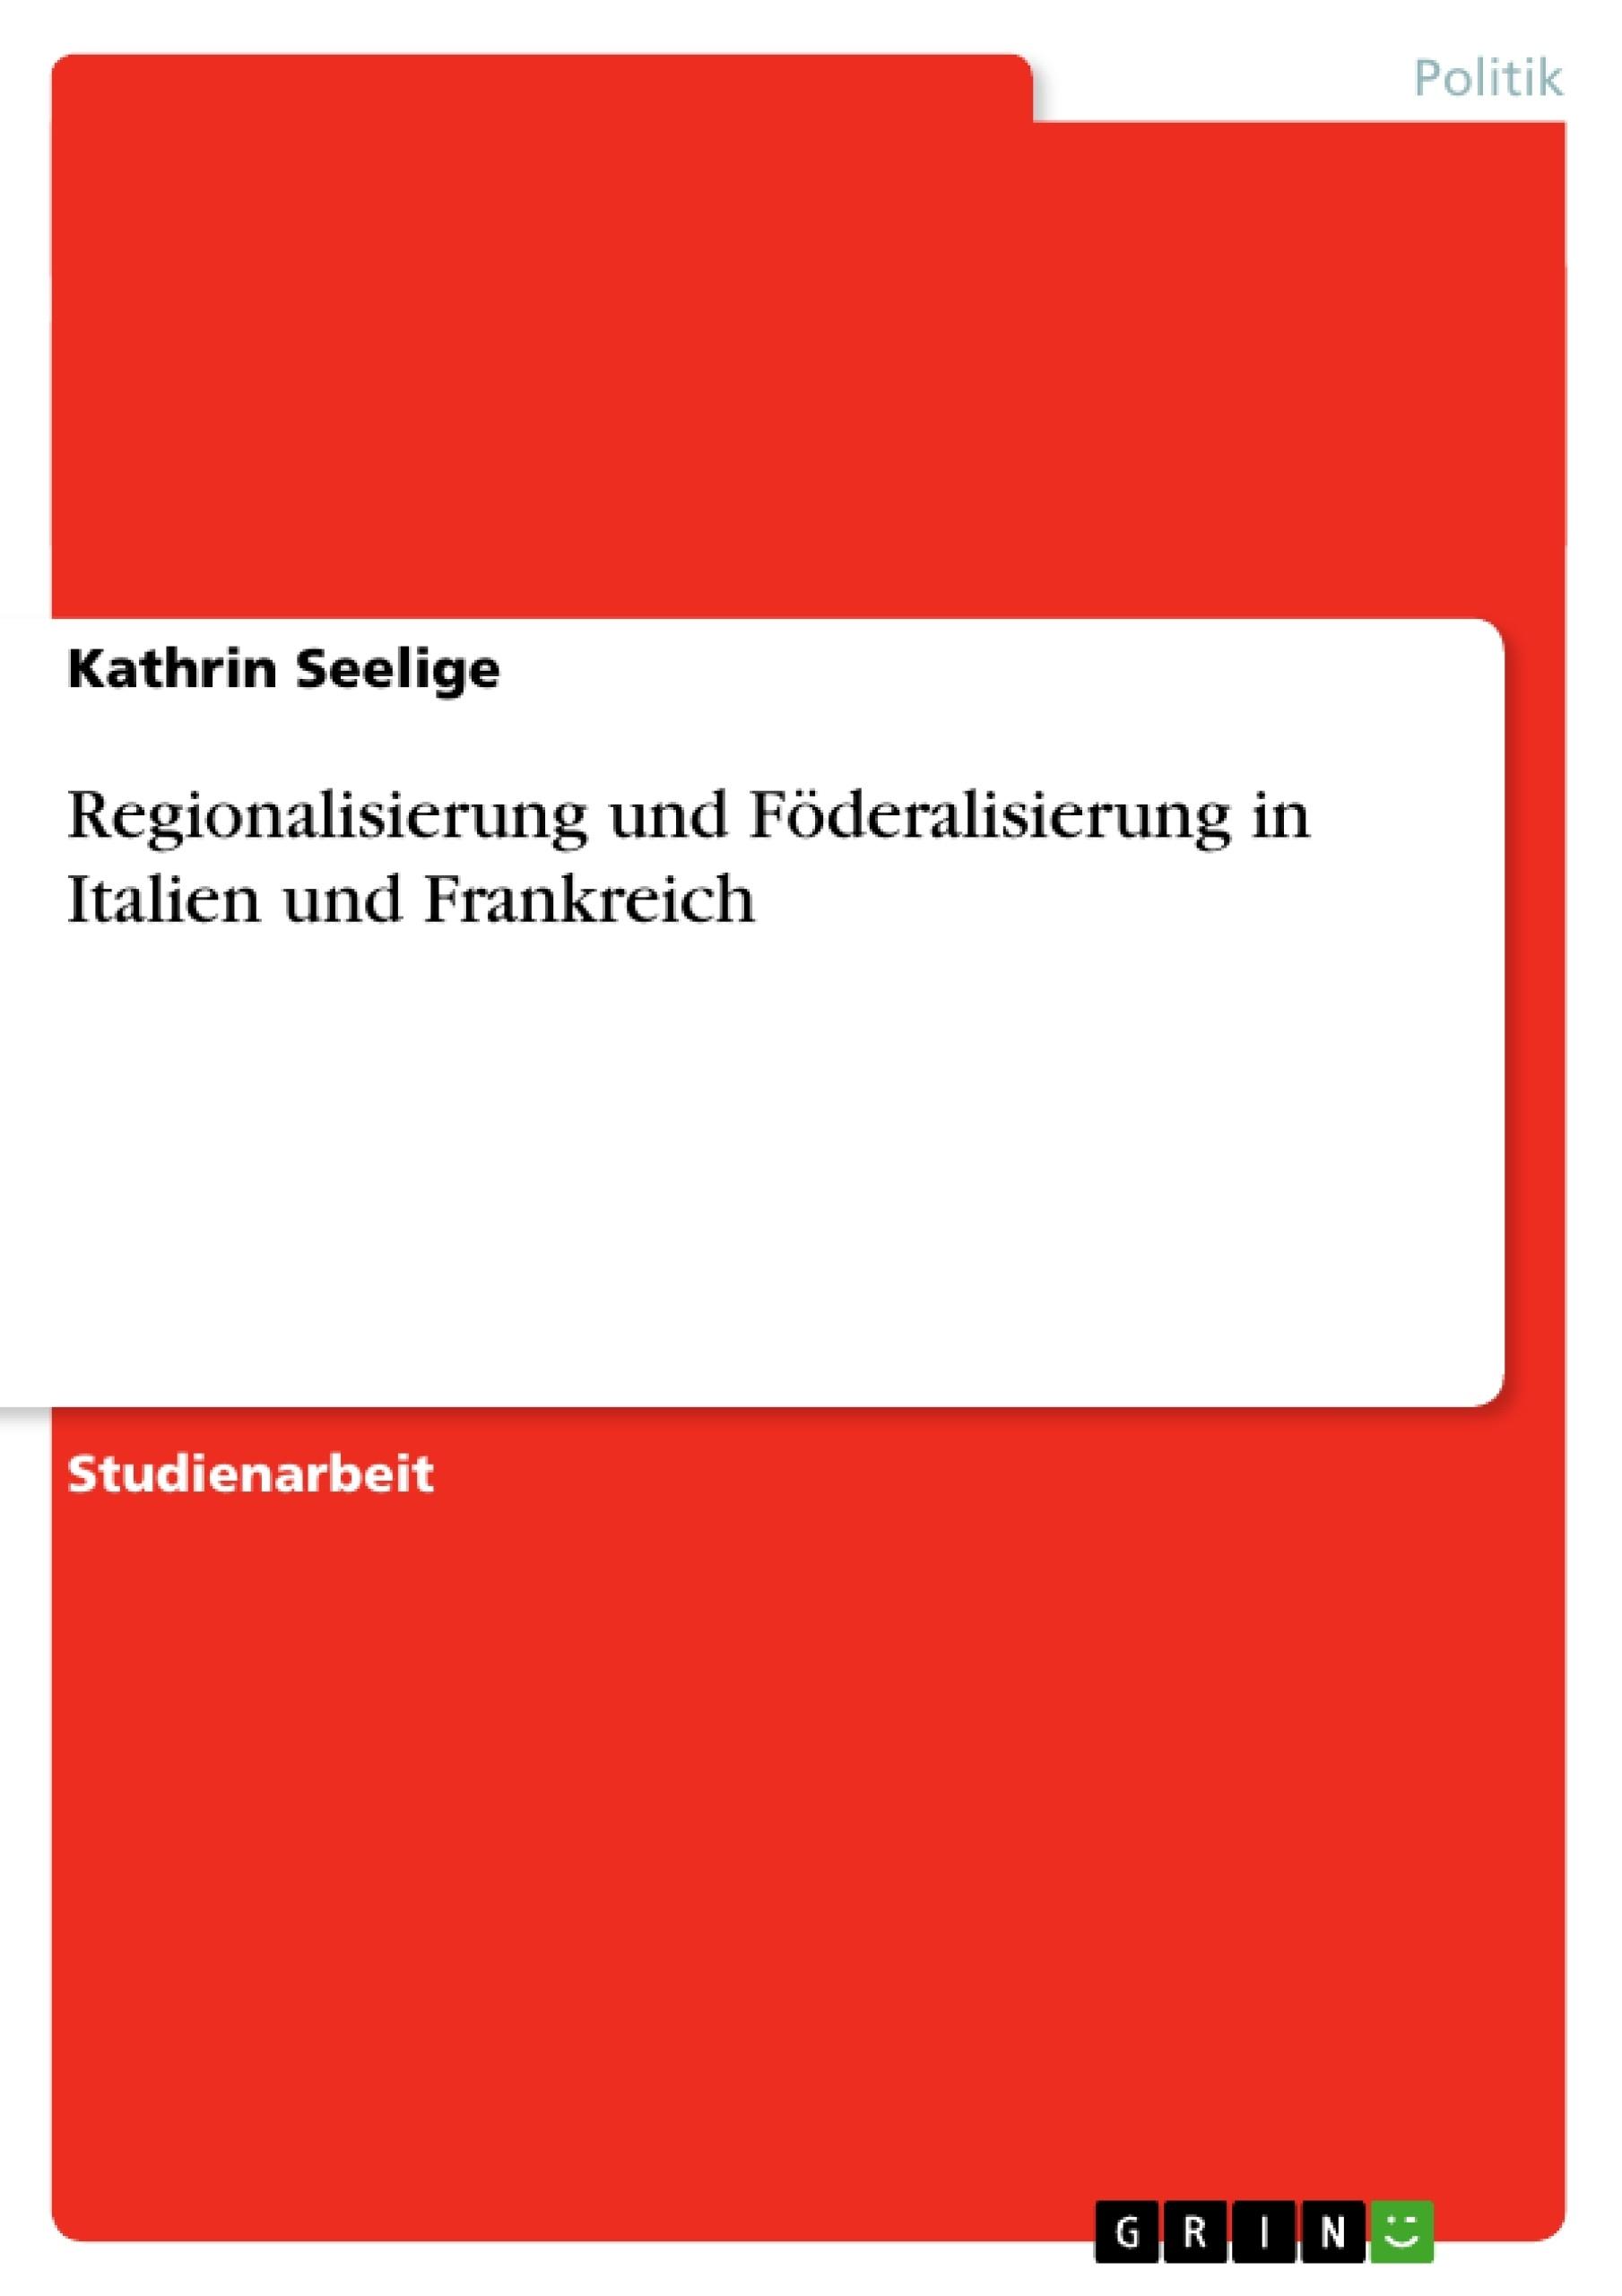 Titel: Regionalisierung und Föderalisierung in Italien und Frankreich